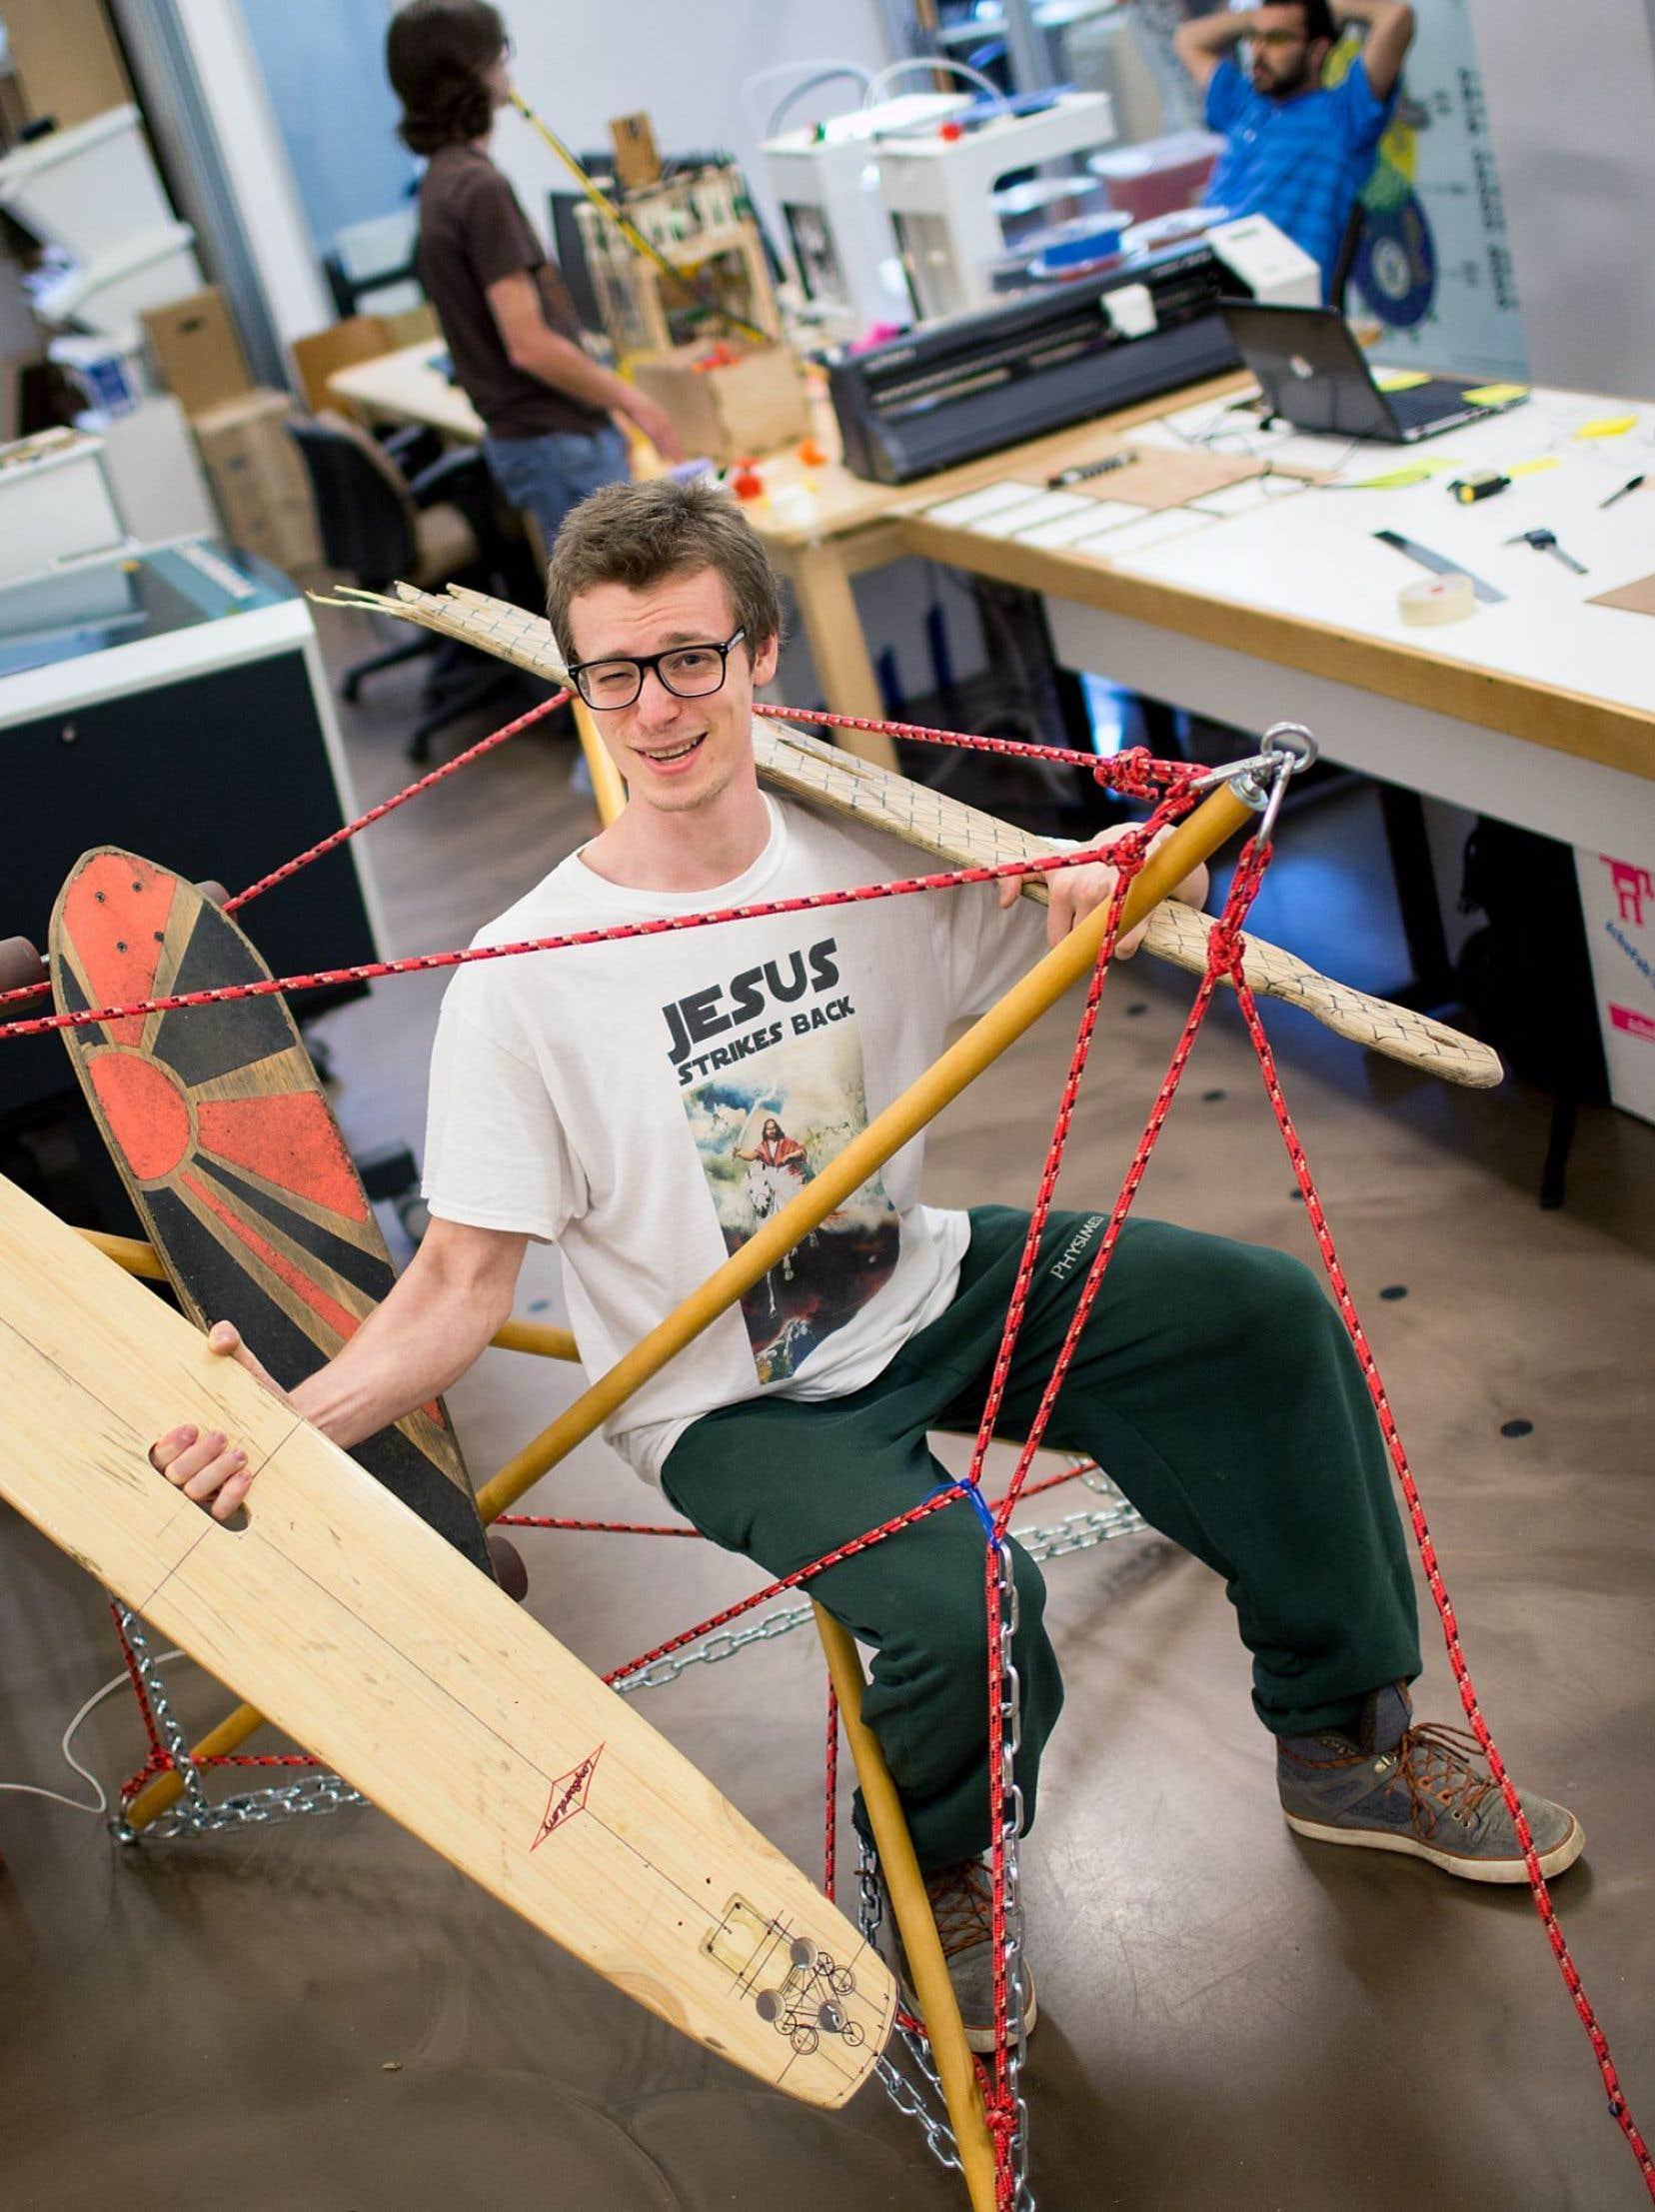 Le Fab Lab est ouvert à des citoyens de tous les âges. Ci-dessus, un jeune homme travaille sur une planche à roulettes améliorée.